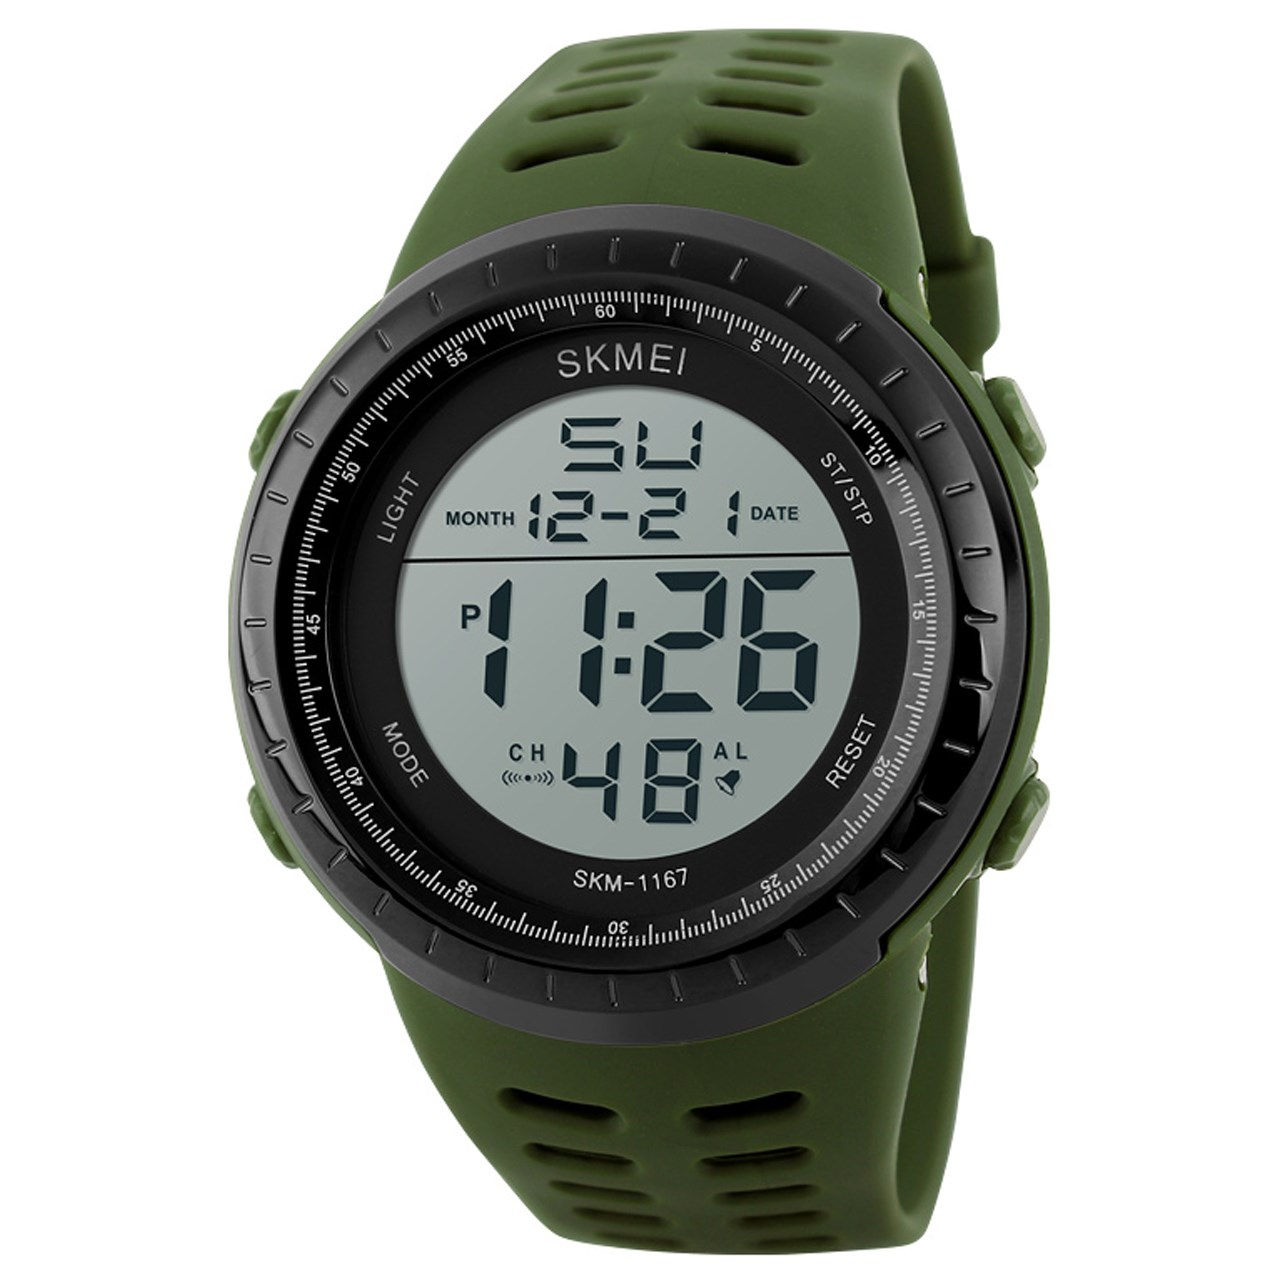 ساعت مچی دیجیتالی مردانه اسکمی مدل 1167 کد 02